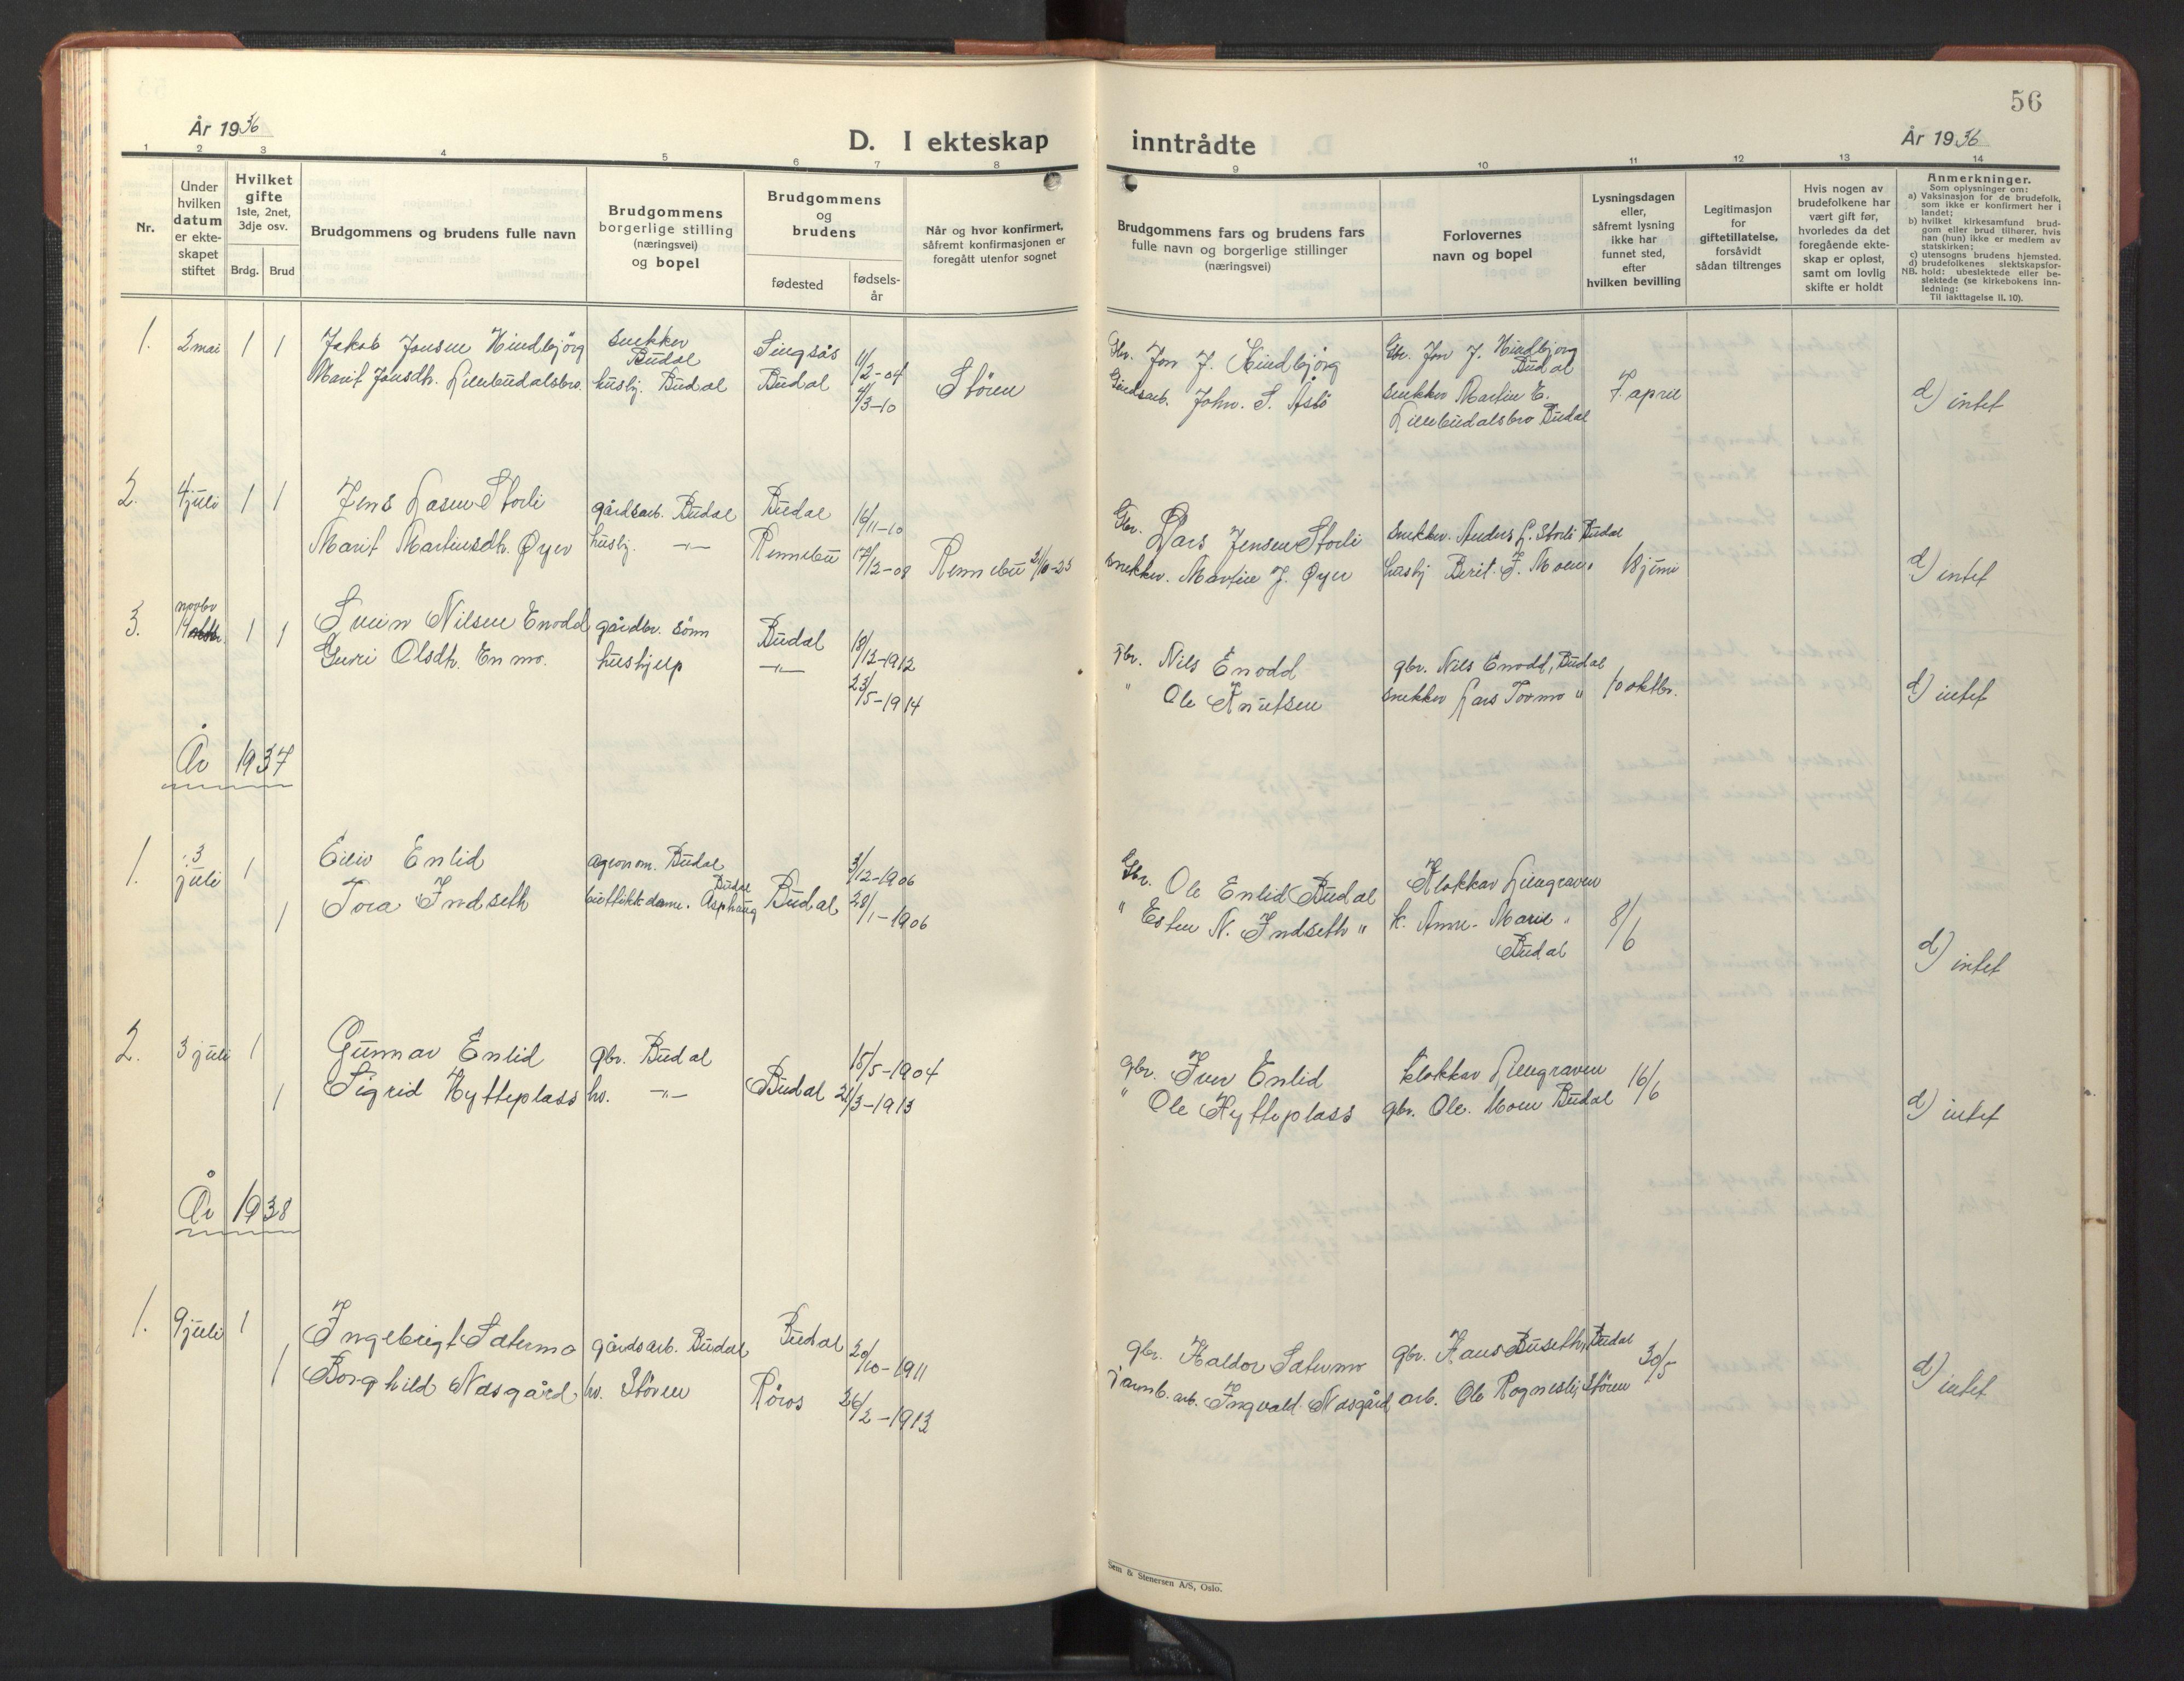 SAT, Ministerialprotokoller, klokkerbøker og fødselsregistre - Sør-Trøndelag, 690/L1053: Klokkerbok nr. 690C03, 1930-1947, s. 56